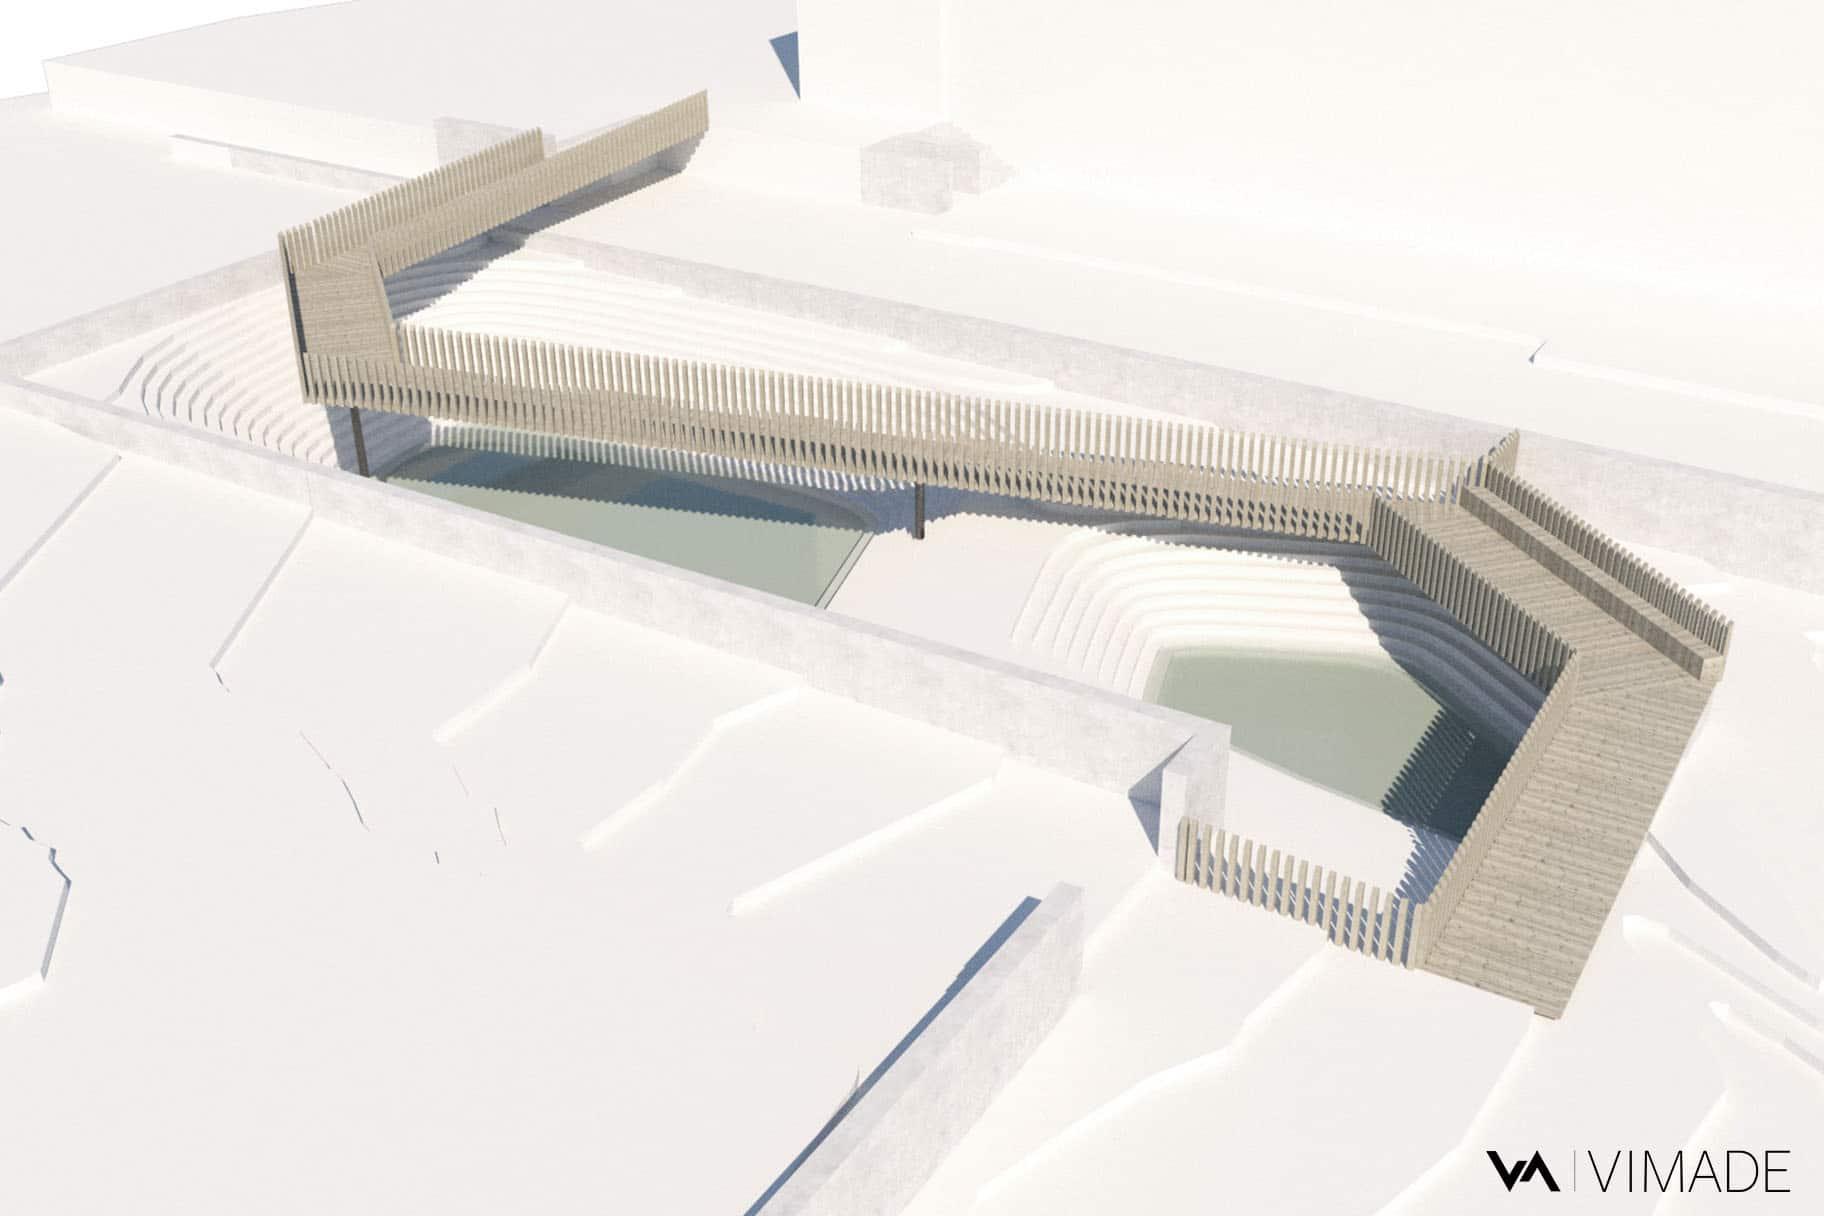 Maquette 3D de la passerelle du parc William Rappard représentant la rétention de l'eau dans le biotope.